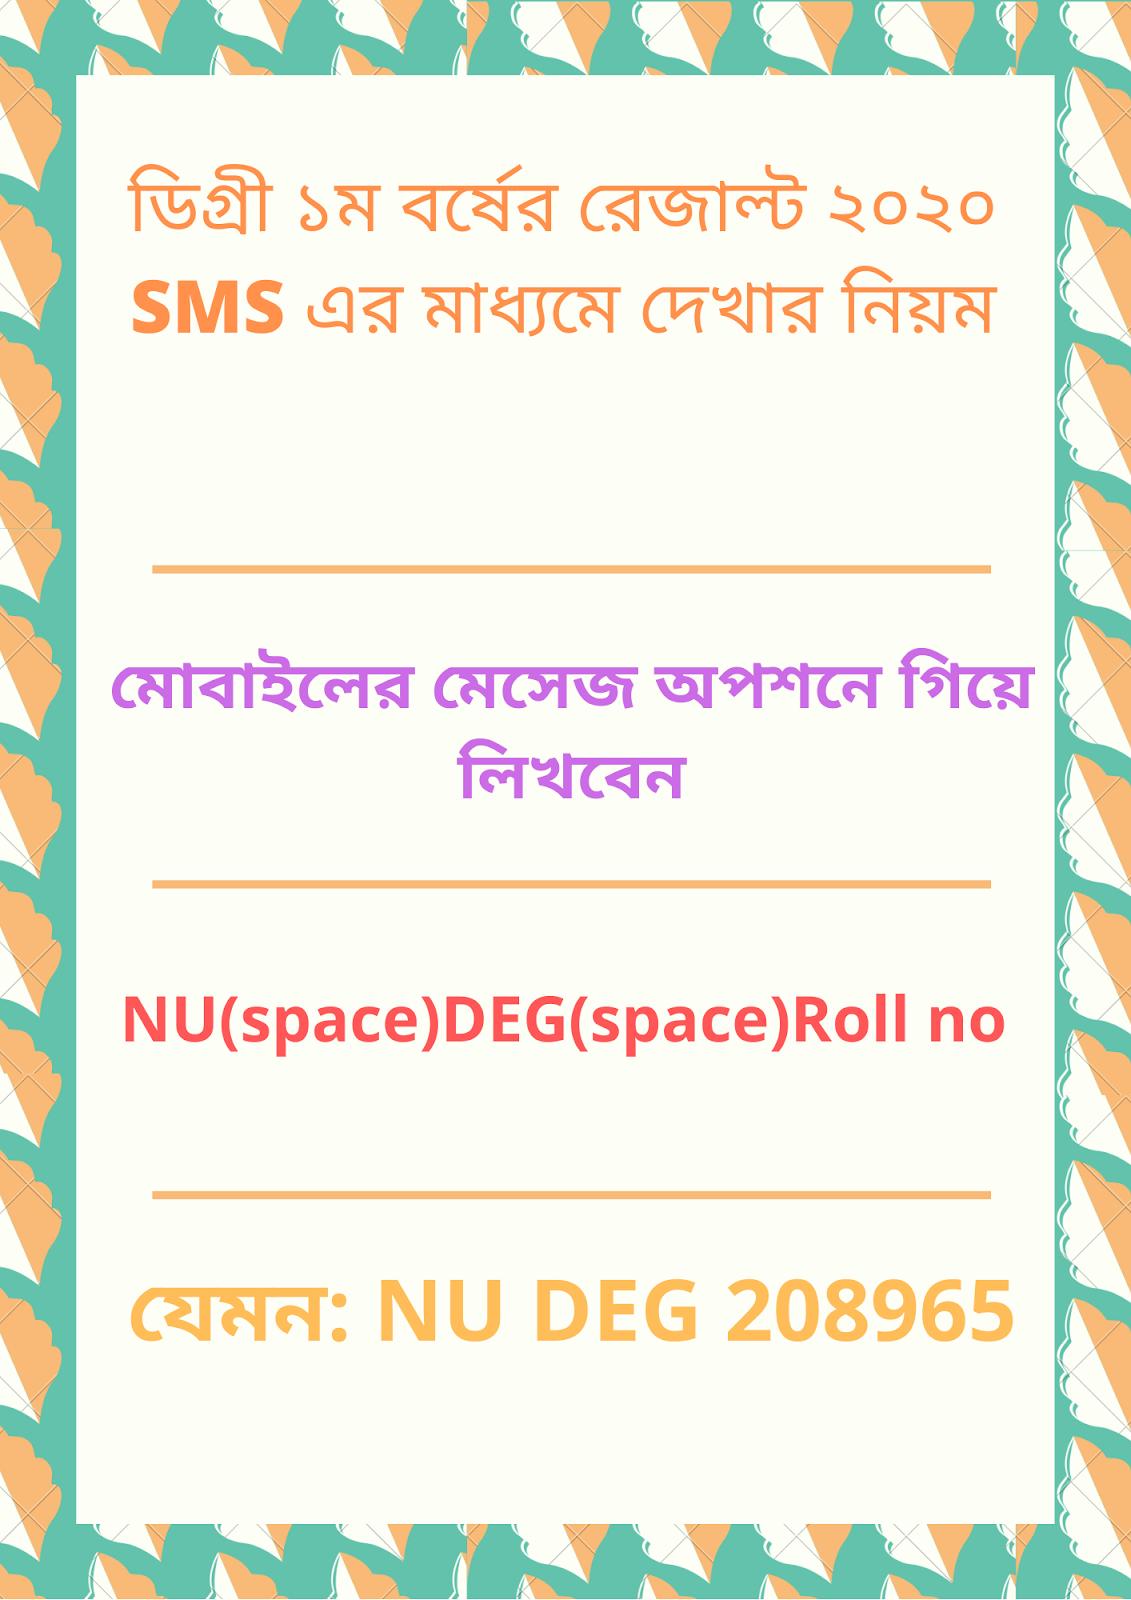 ডিগ্রী ১ম বর্ষের রেজাল্ট SMS এর মাধ্যমে দেখার নিয়ম